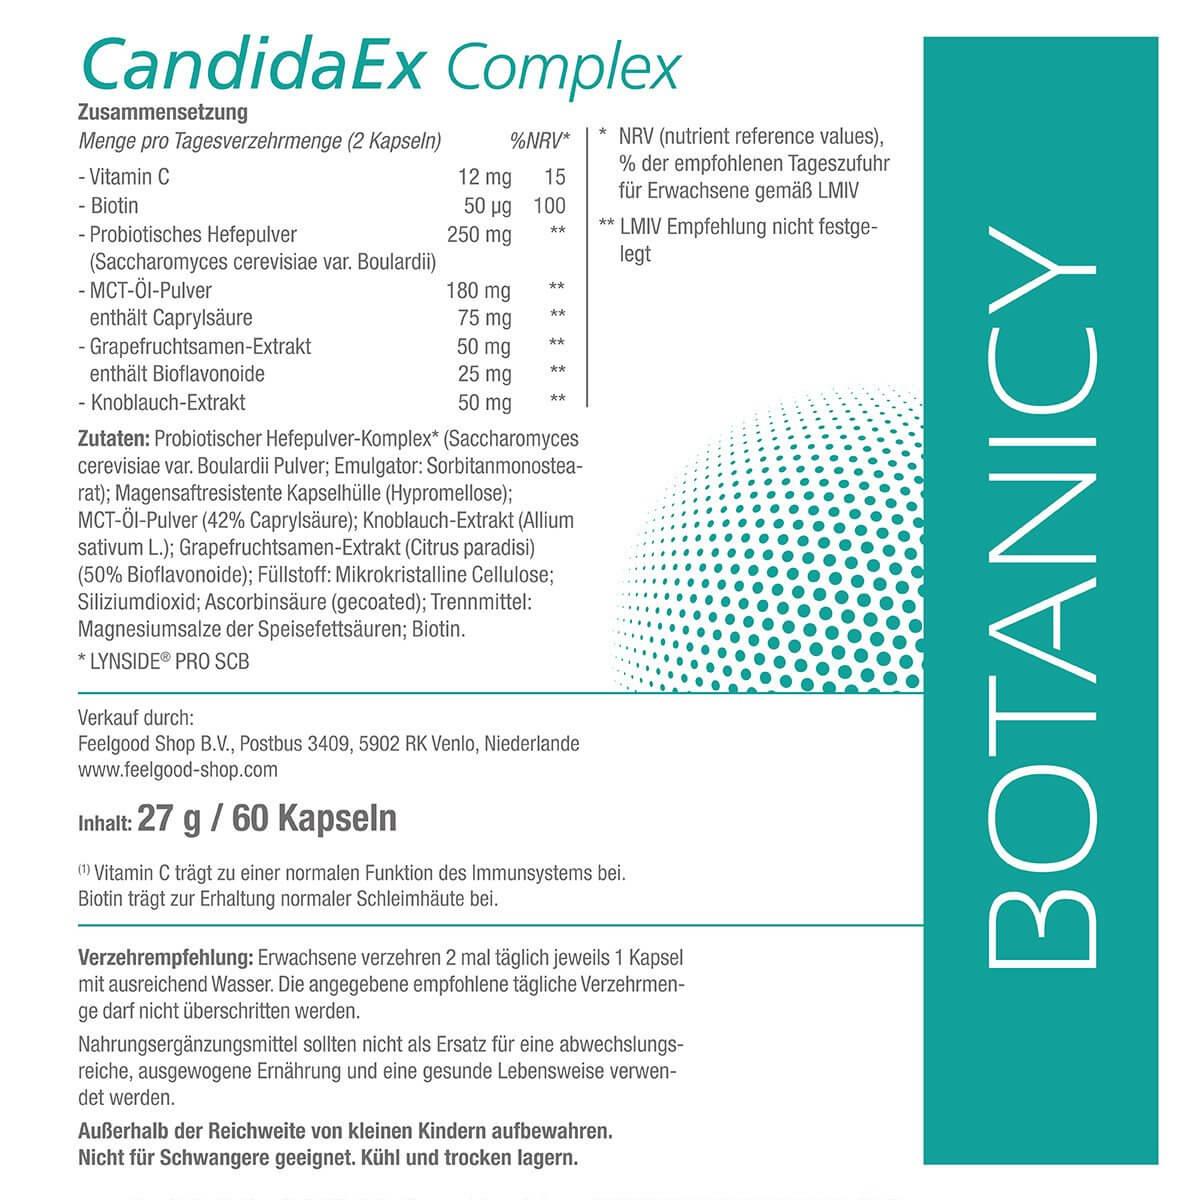 CandidaEx Complex mit LYNSIDE